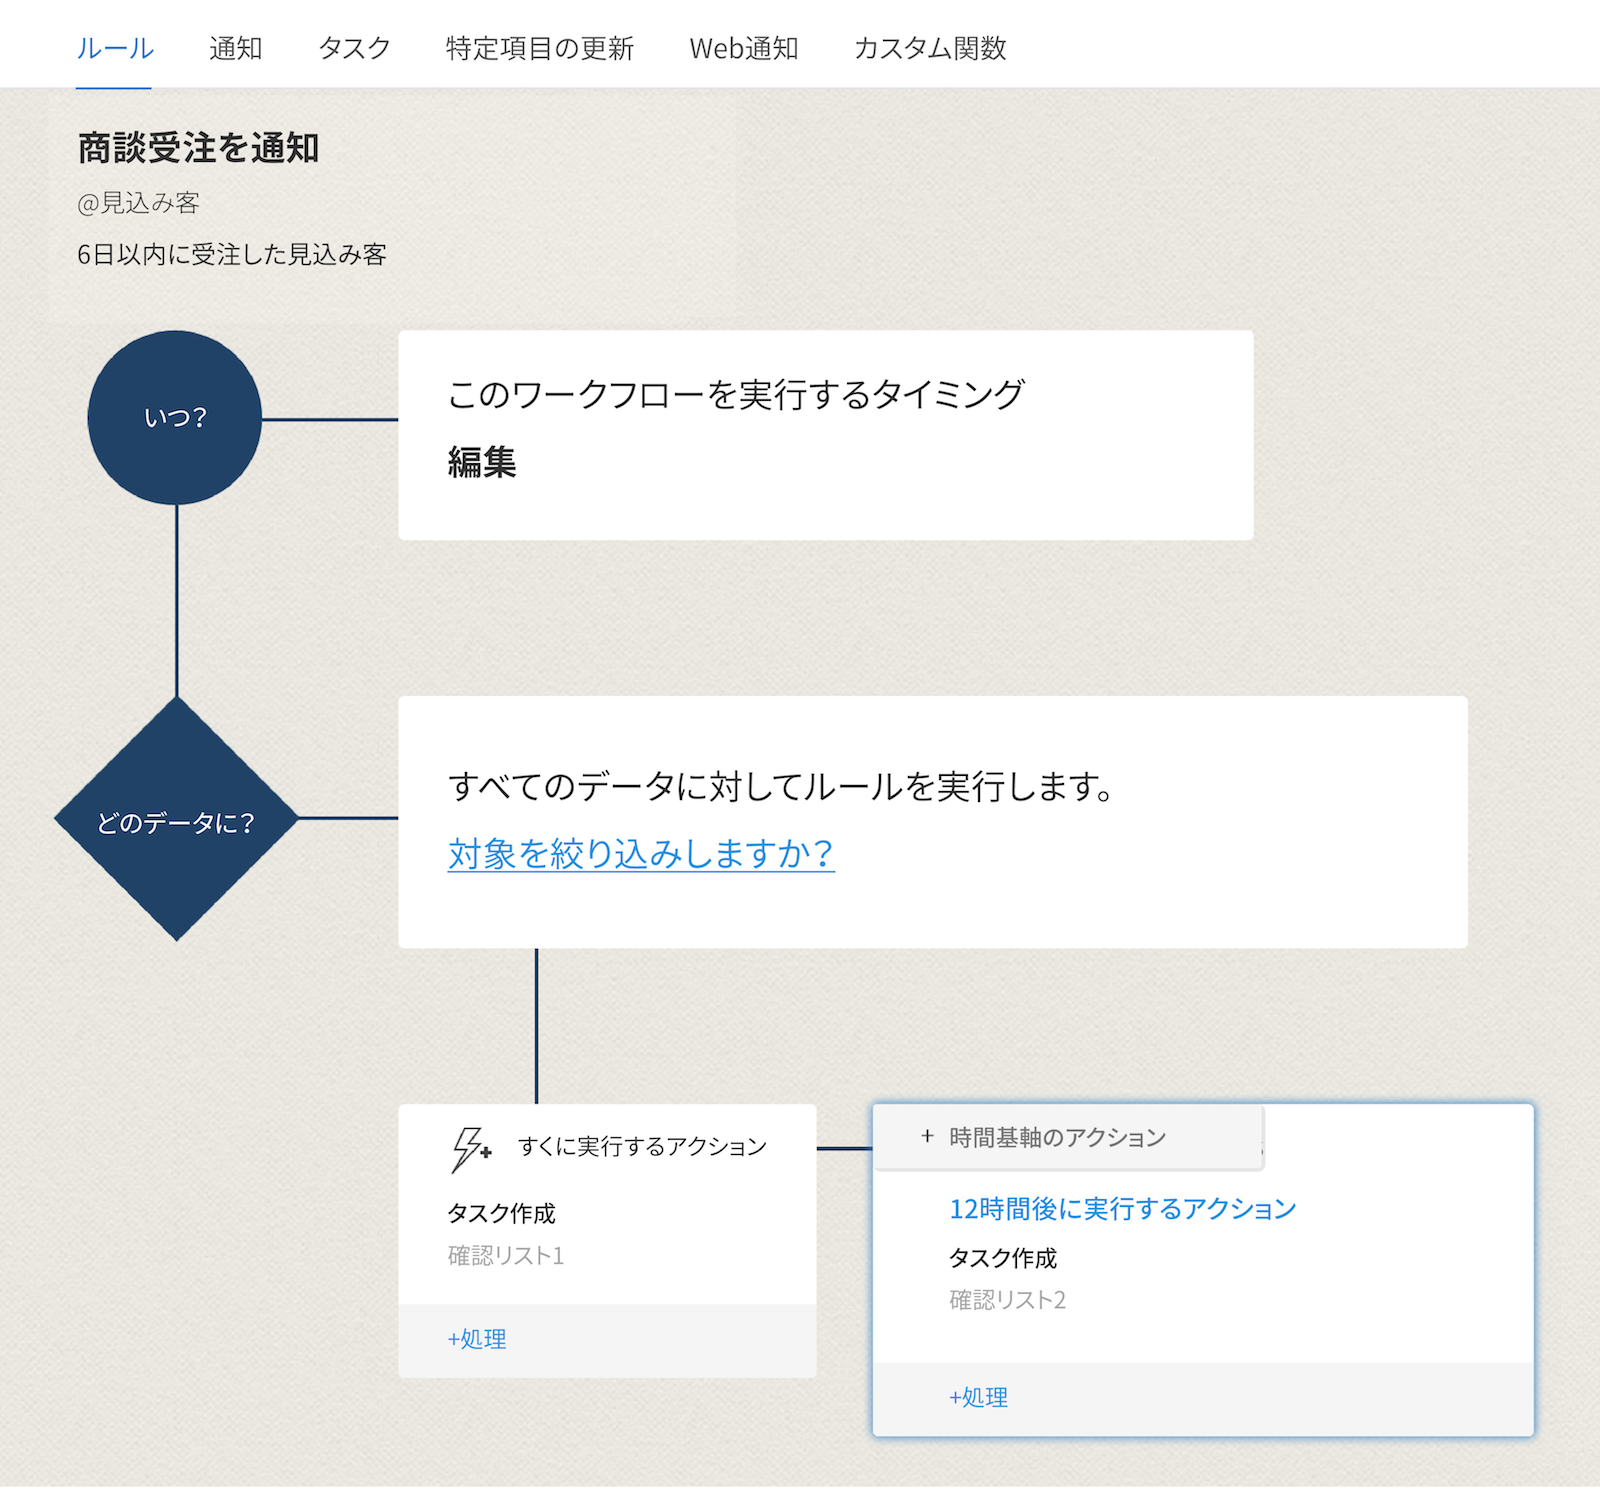 販売管理:ワークフローの設定画面